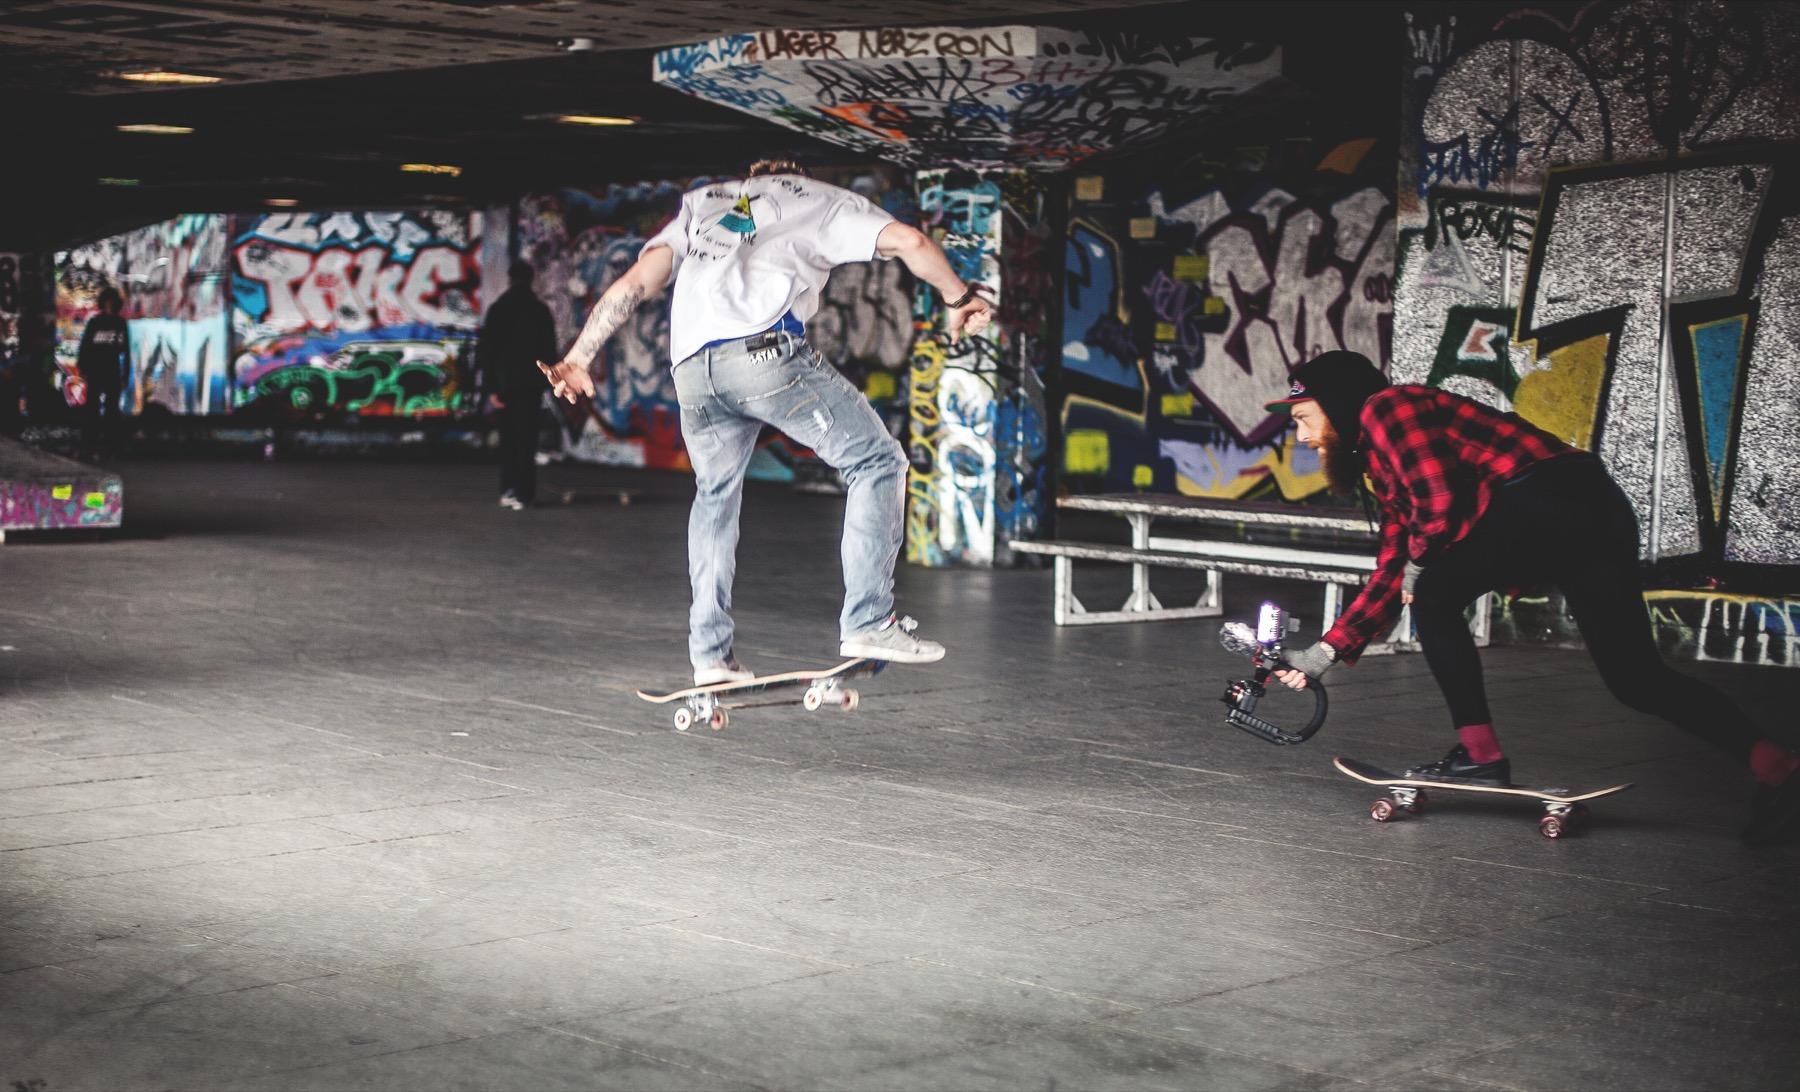 1990s skateboarders